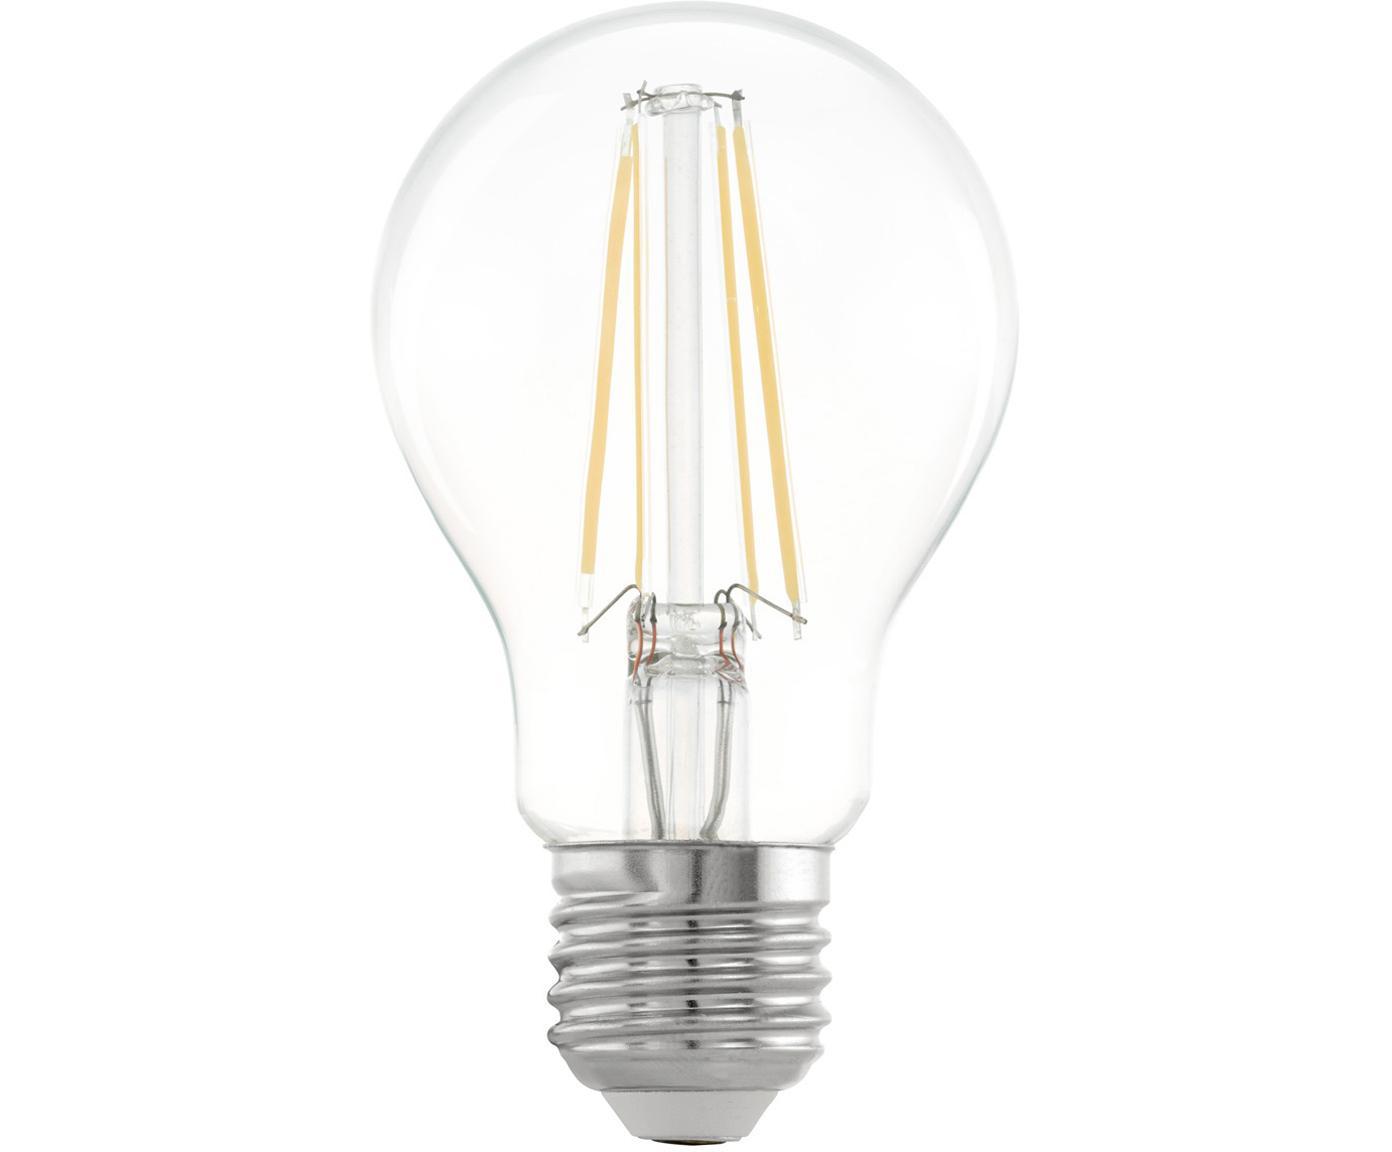 LED lamp Cord (E27 / 6W) 5 stuks, Peertje: glas, Fitting: aluminium, Transparant, Ø 6 x H 10 cm